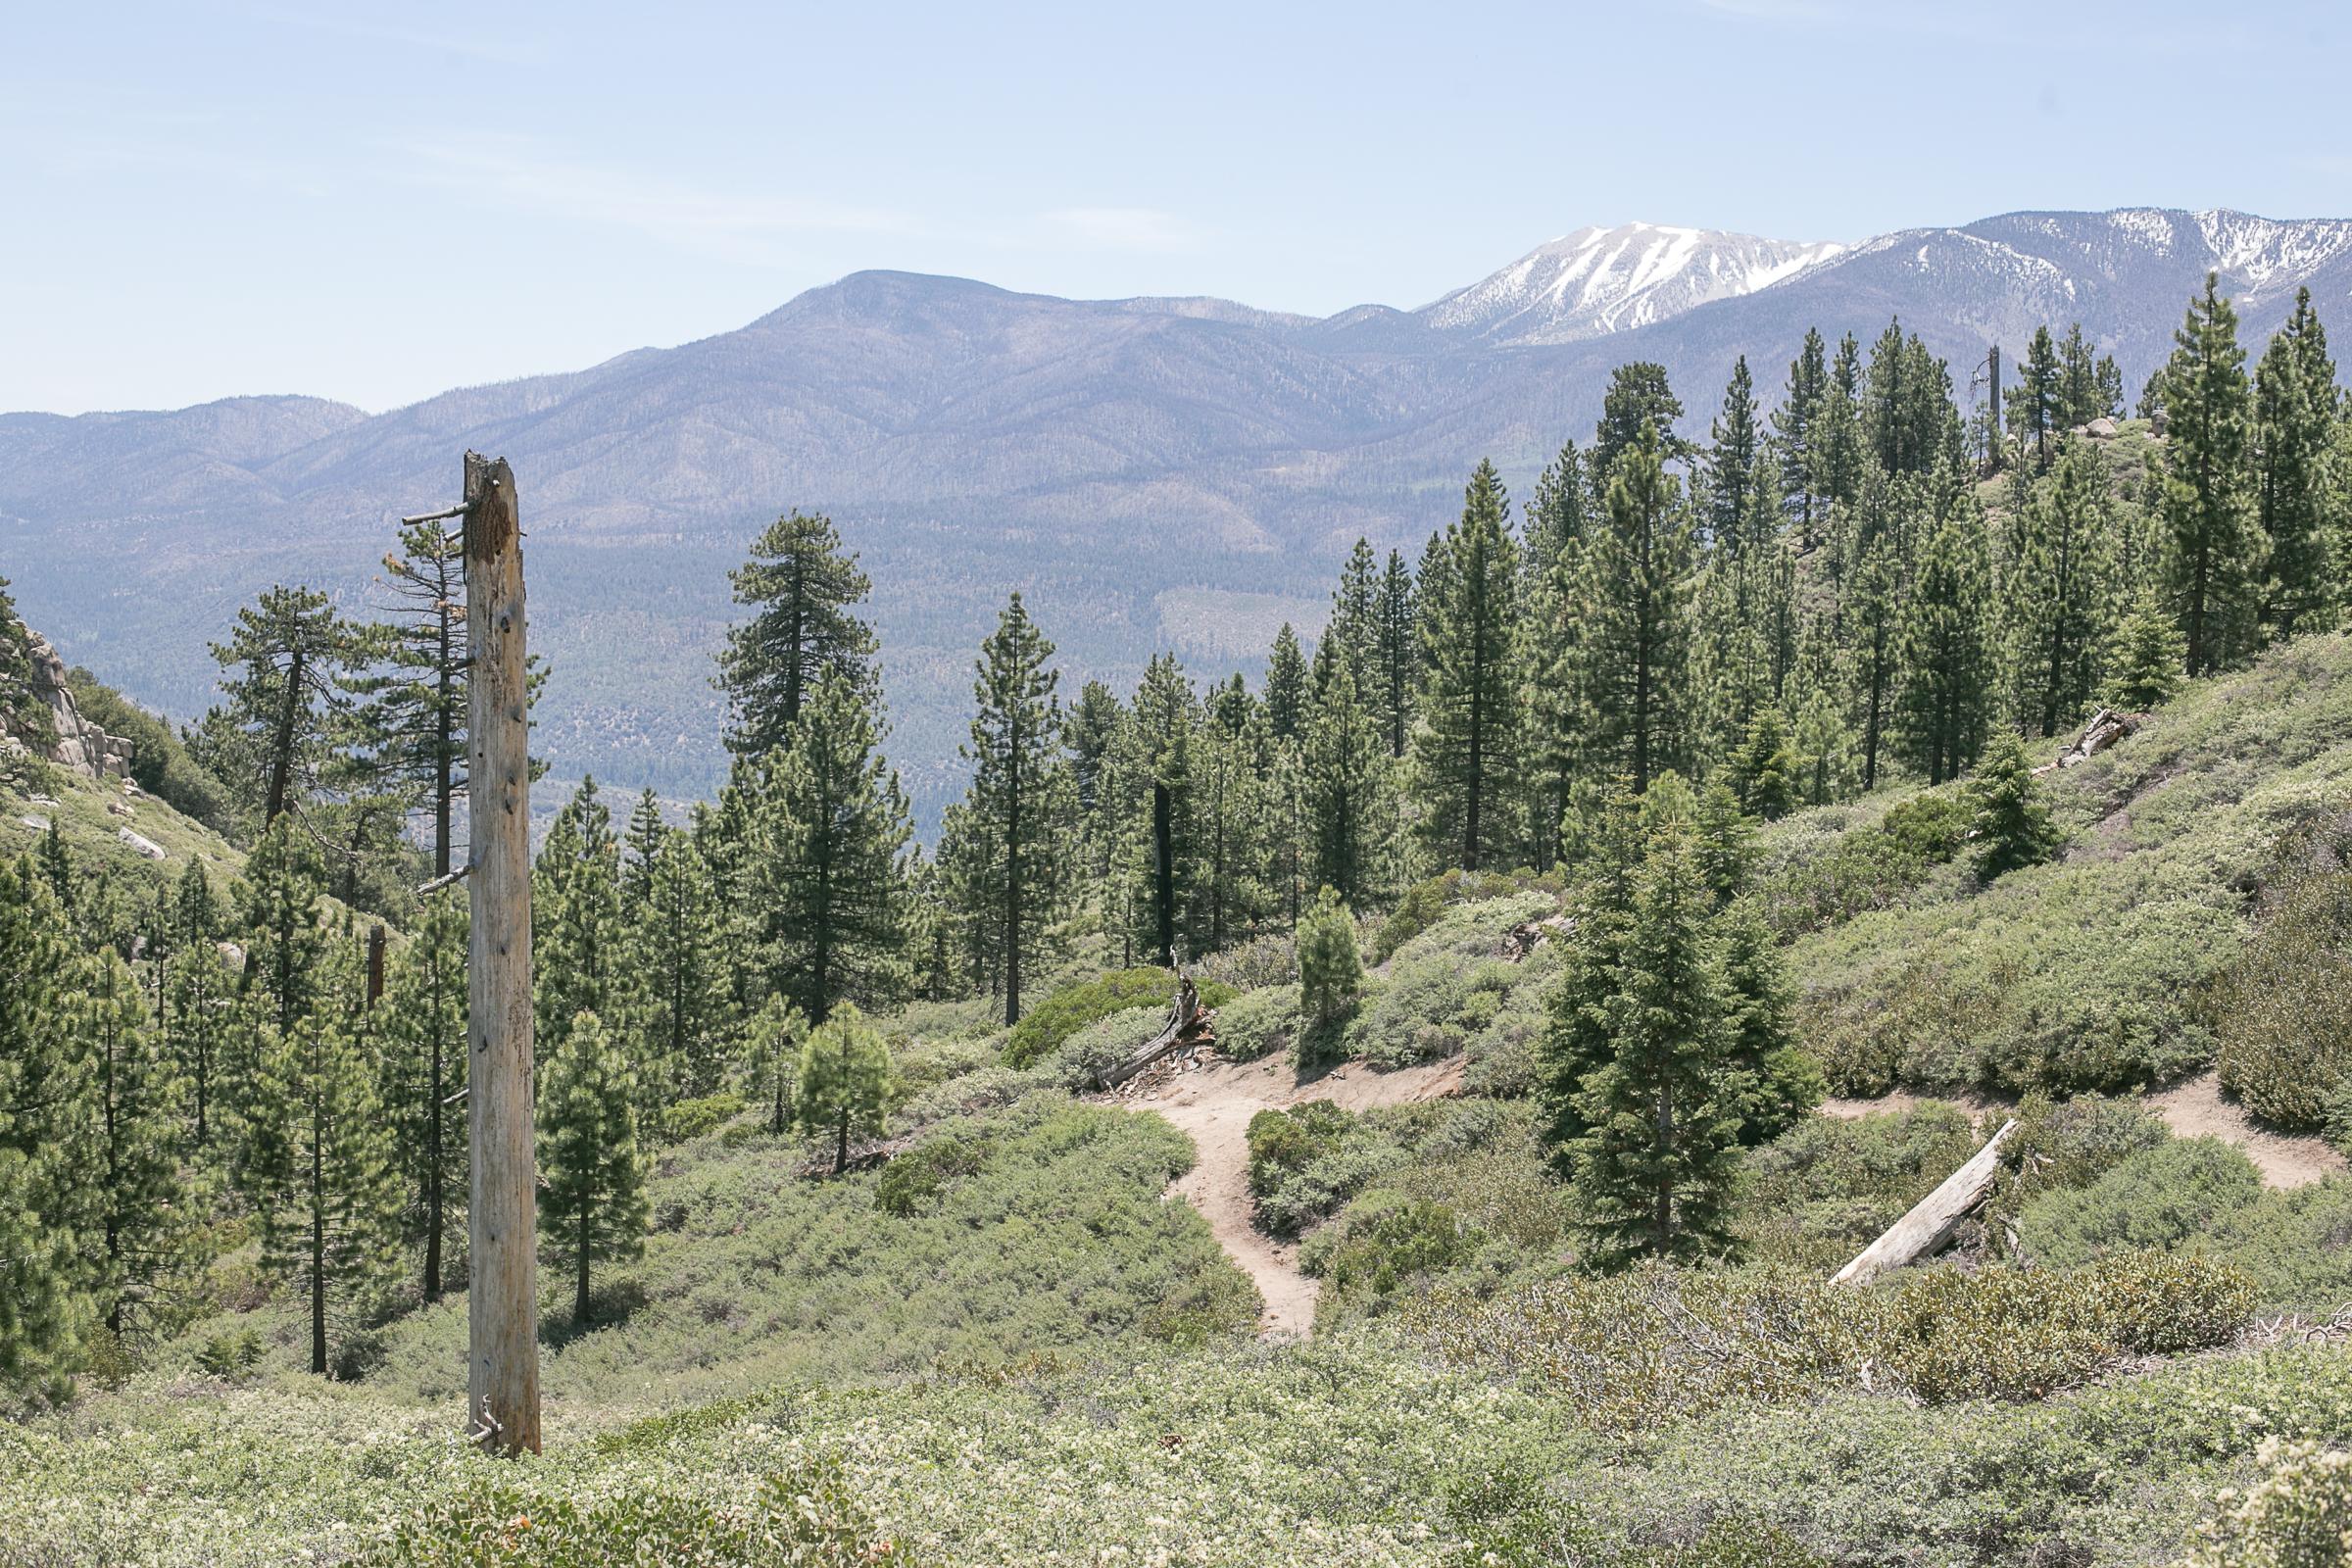 Big Bear_Lake_Camping_Trip_2017-3.jpg